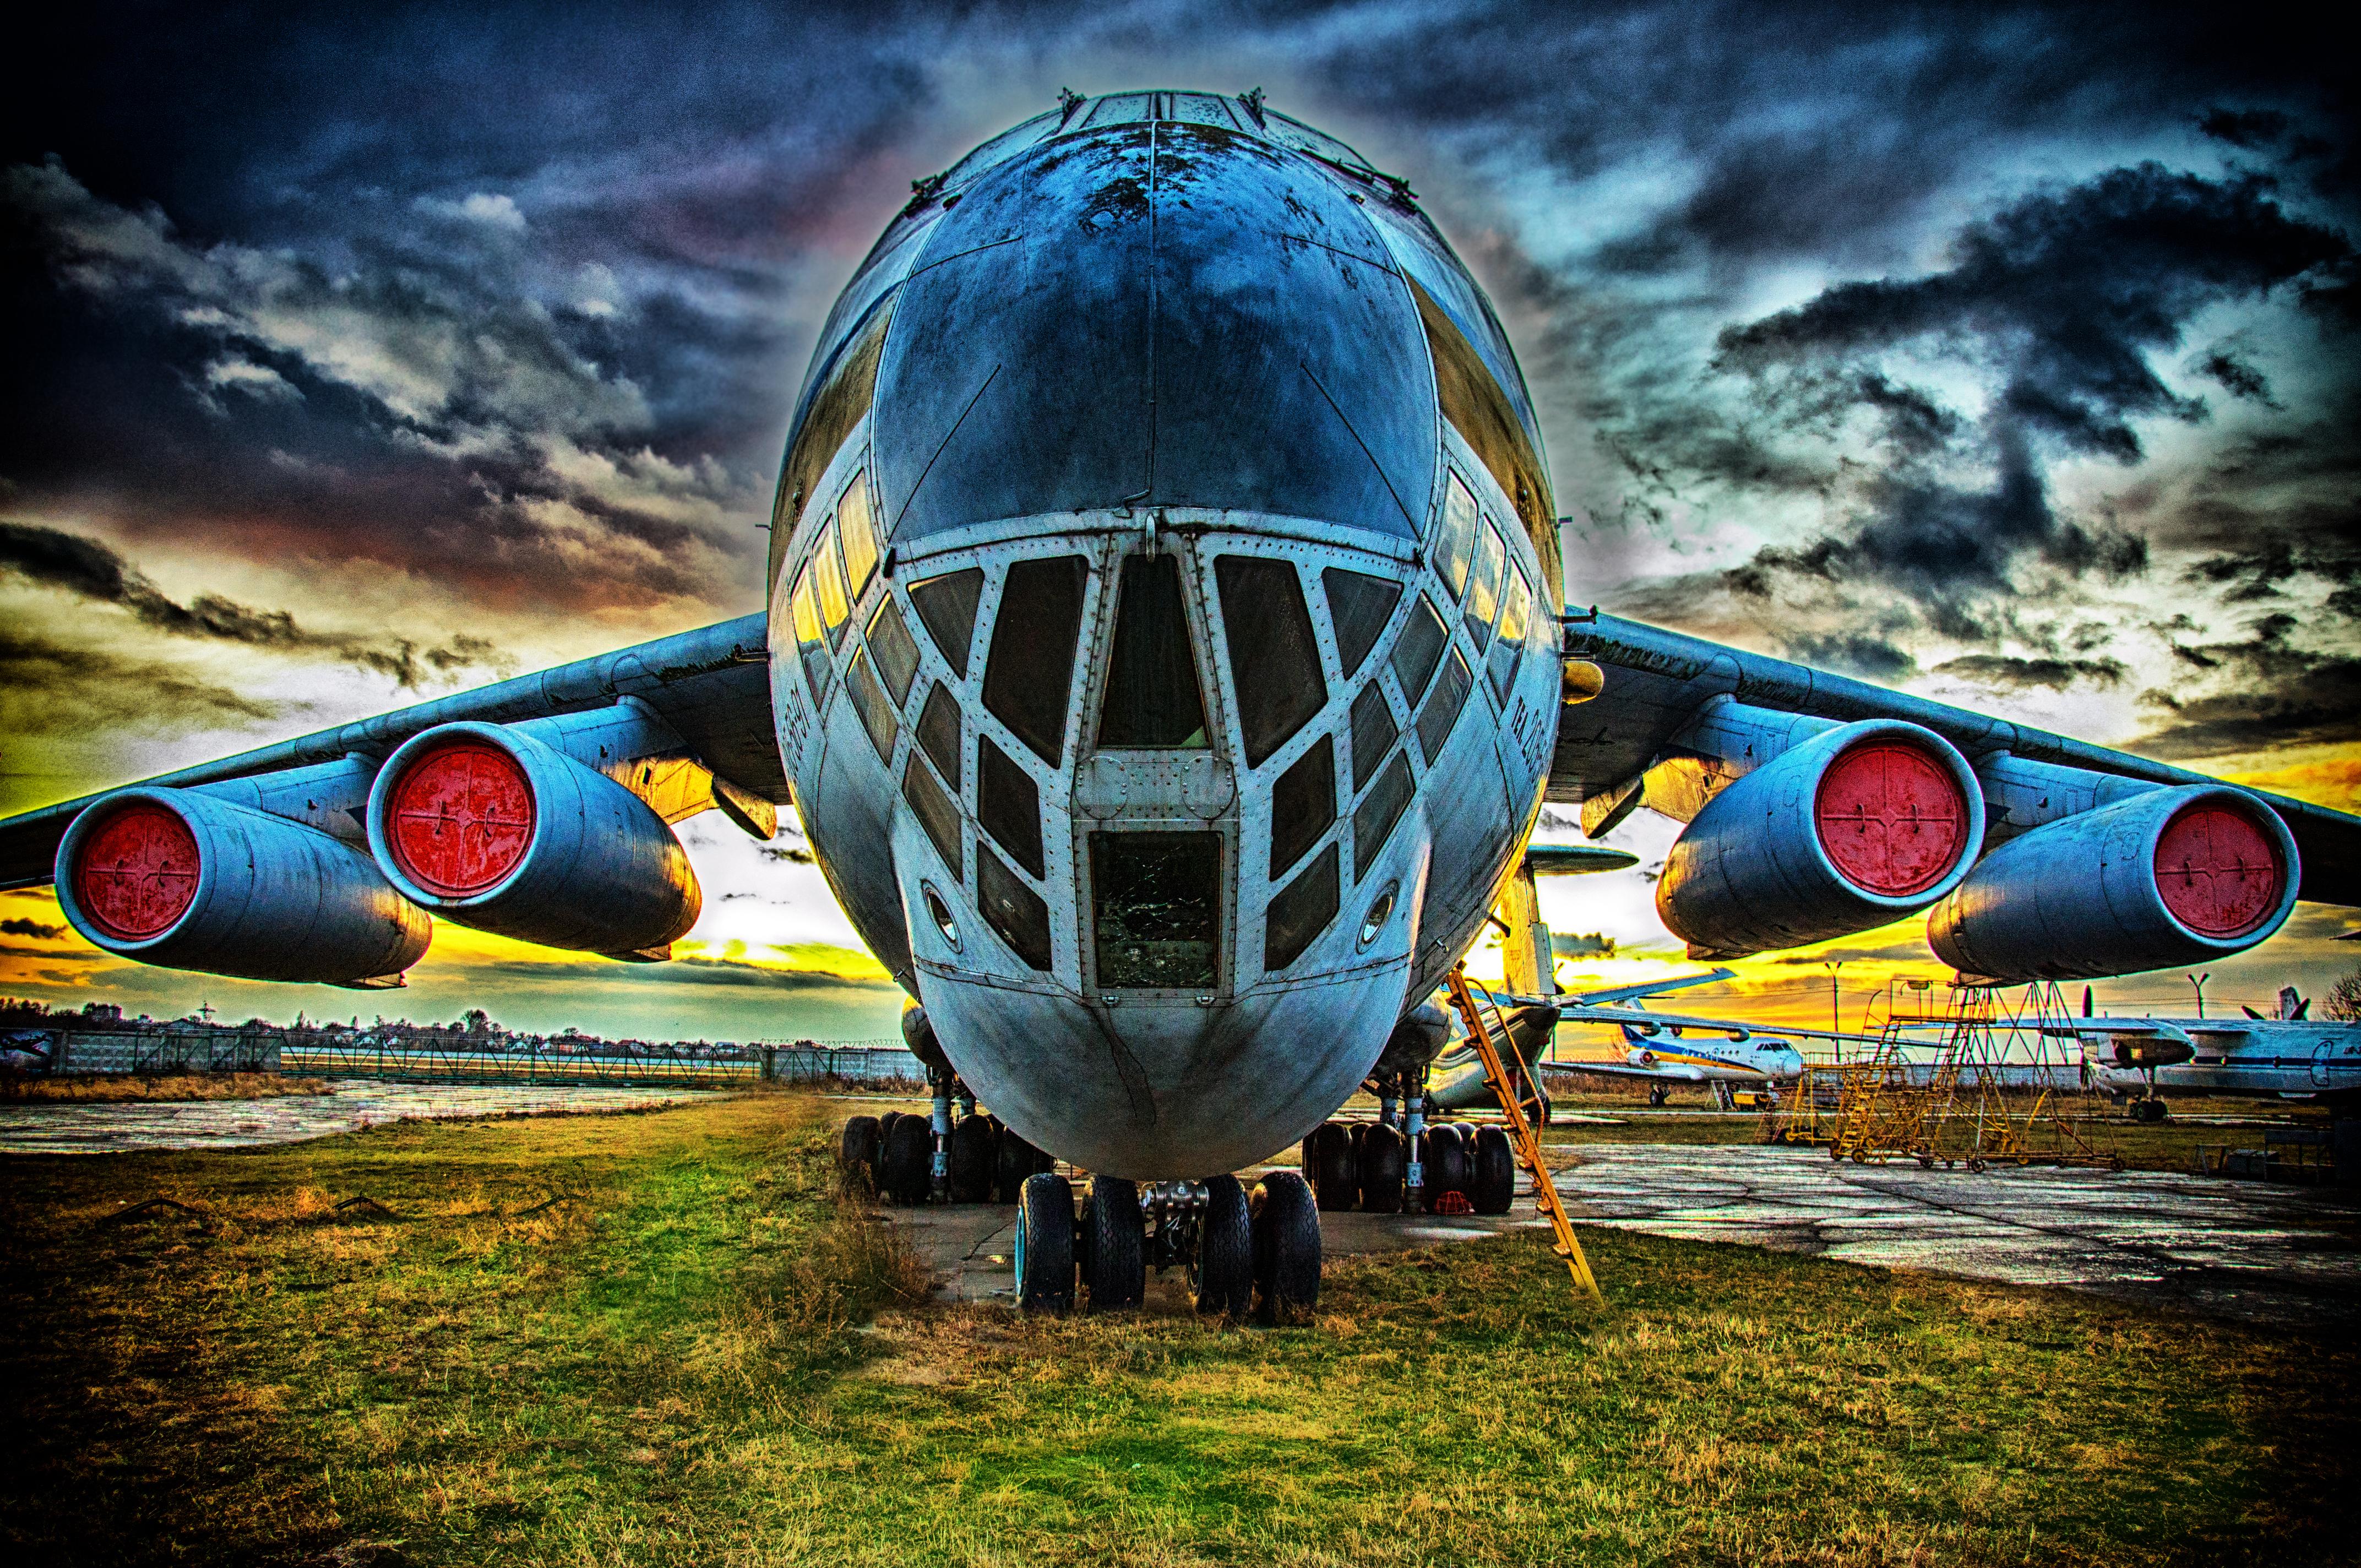 картинки на телефон авиация